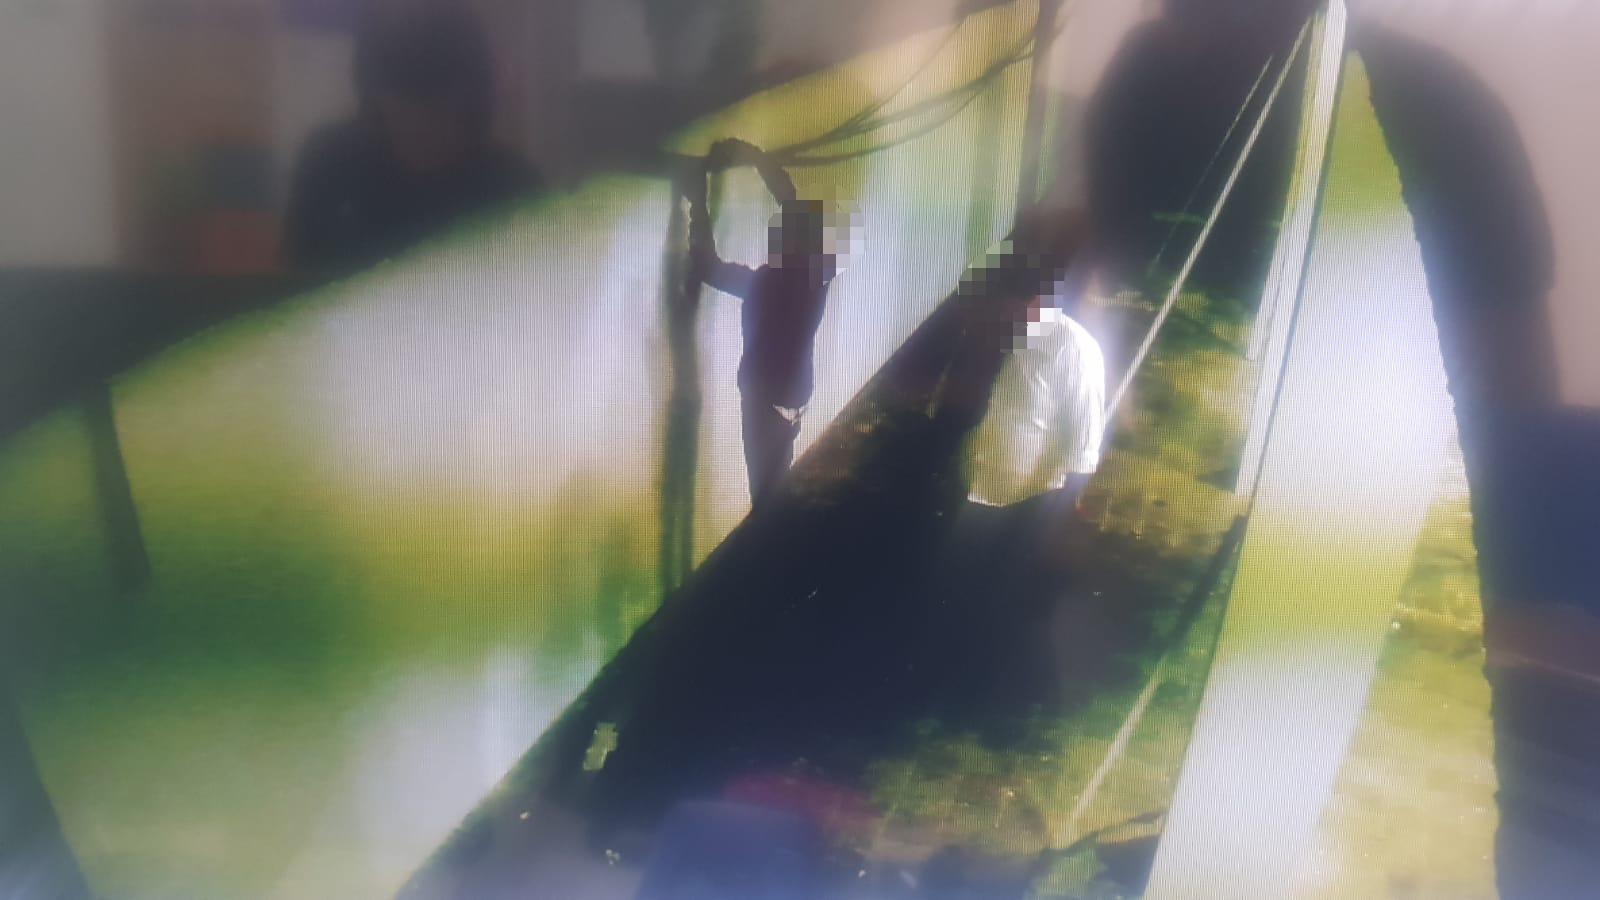 צילום החשודים מתוך מצלמות האבטחה של בית הספר